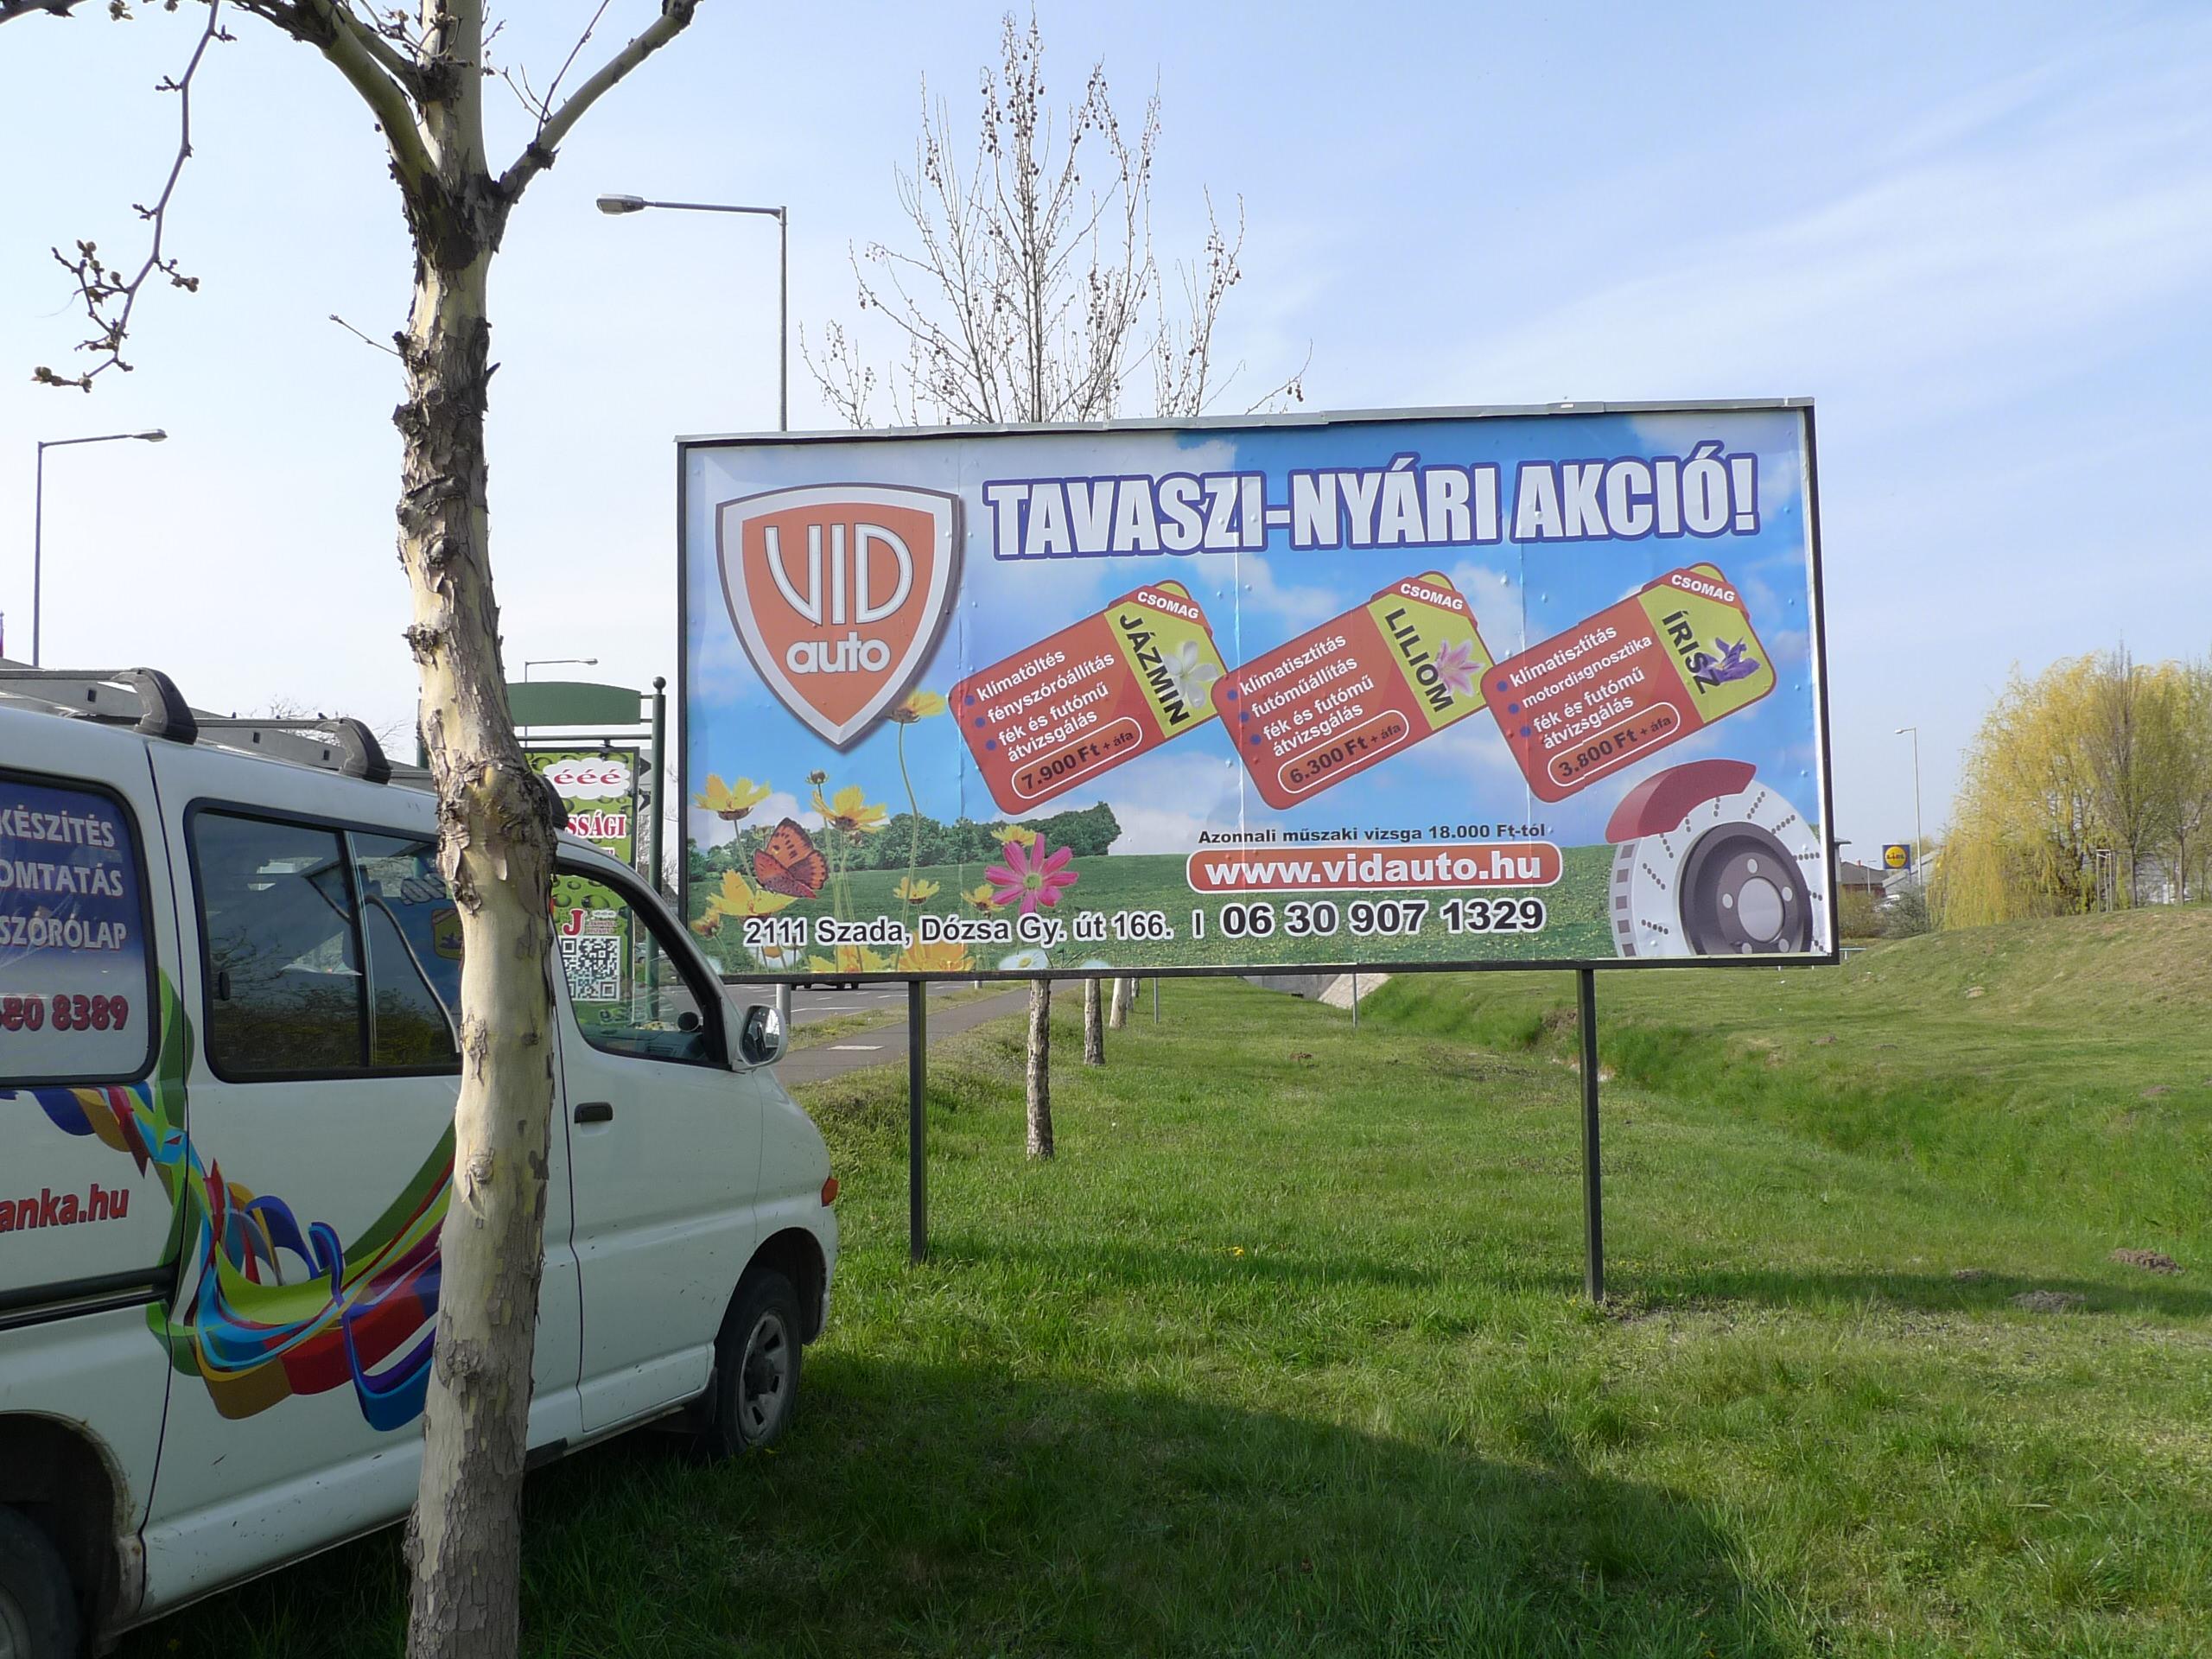 Reklámtábla az út mellett